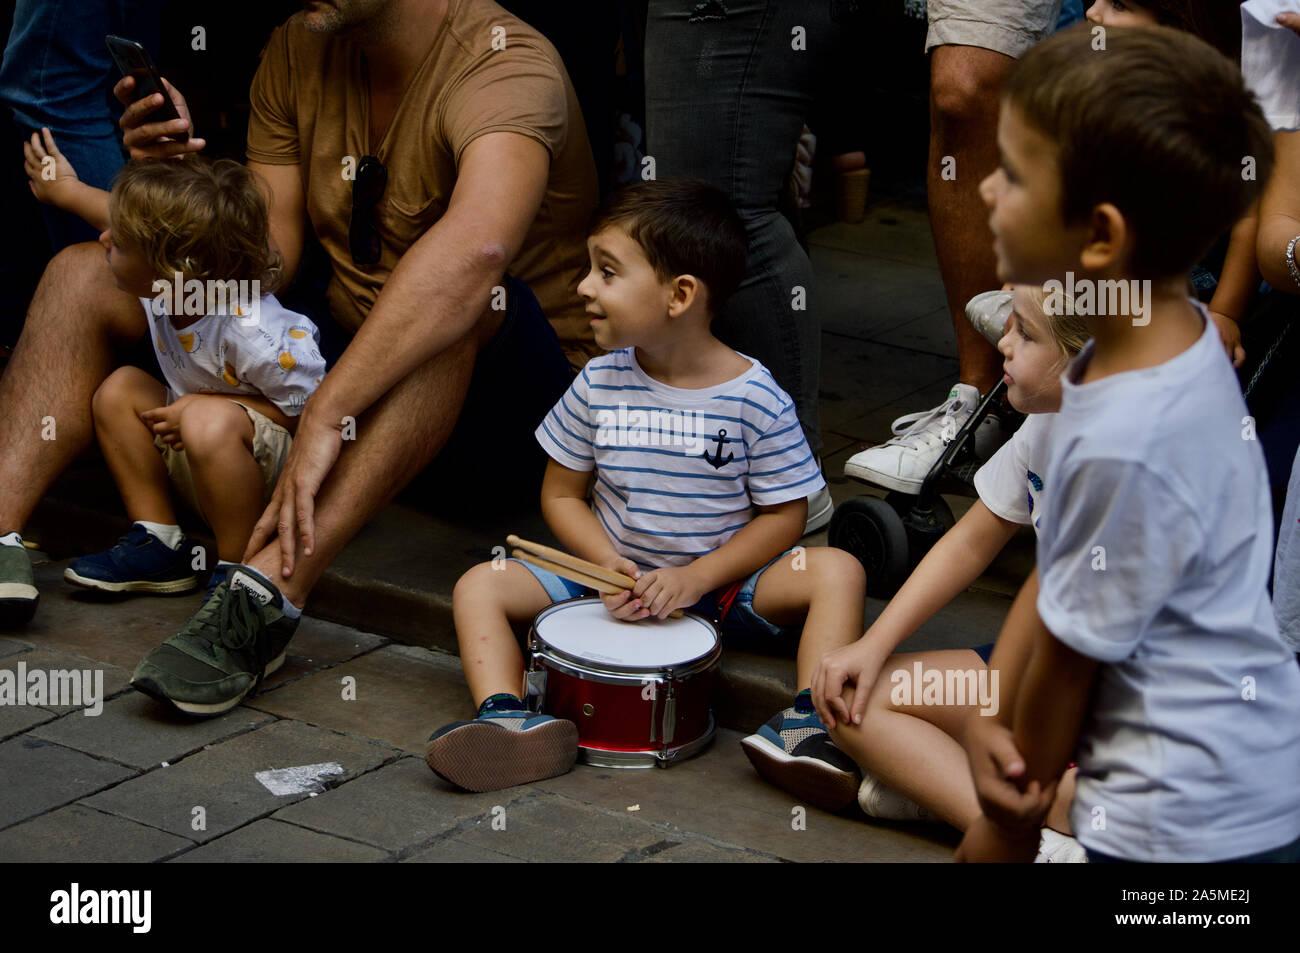 Un ragazzo giocando un tamburo presso la parata dei giganti durante la Merce Festival 2019 a Placa de Sant Jaume a Barcellona, Spagna Foto Stock